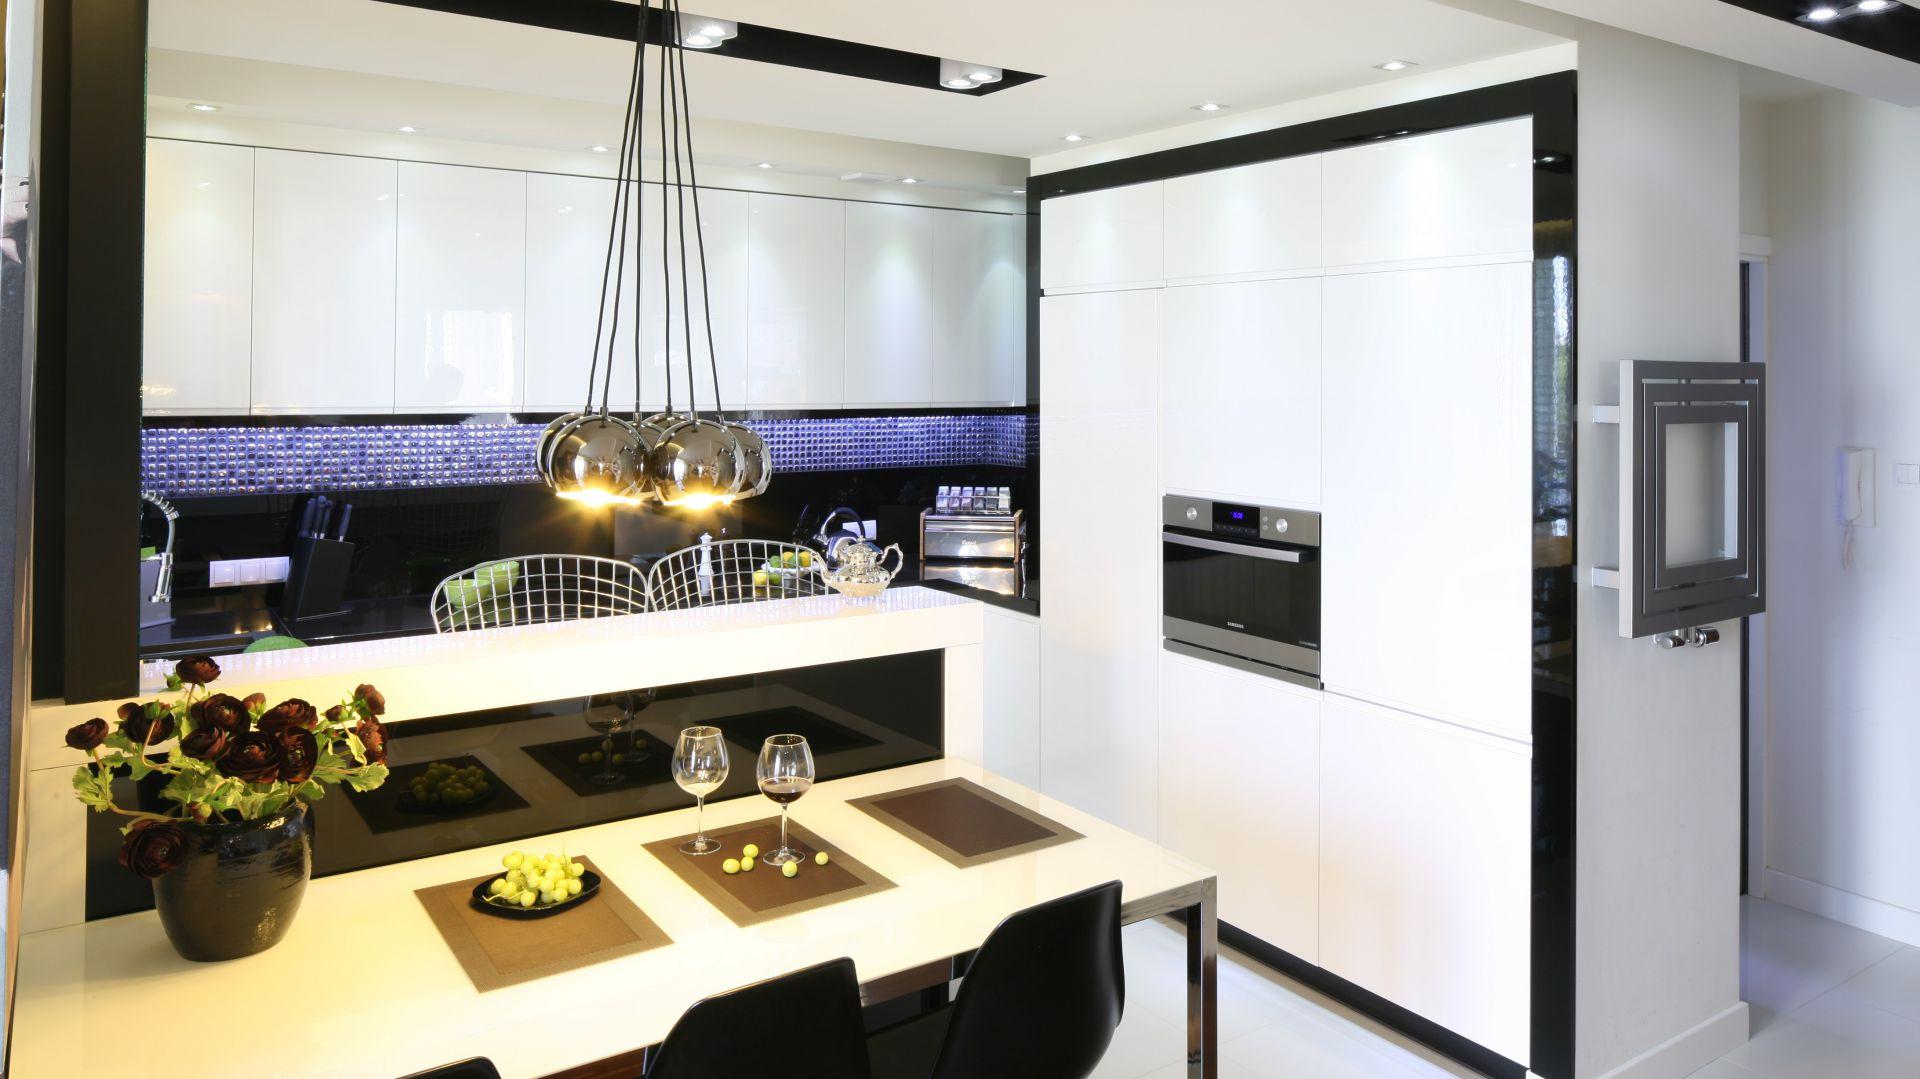 Oświetlenie W Kuchni Strategiczne Miejsca